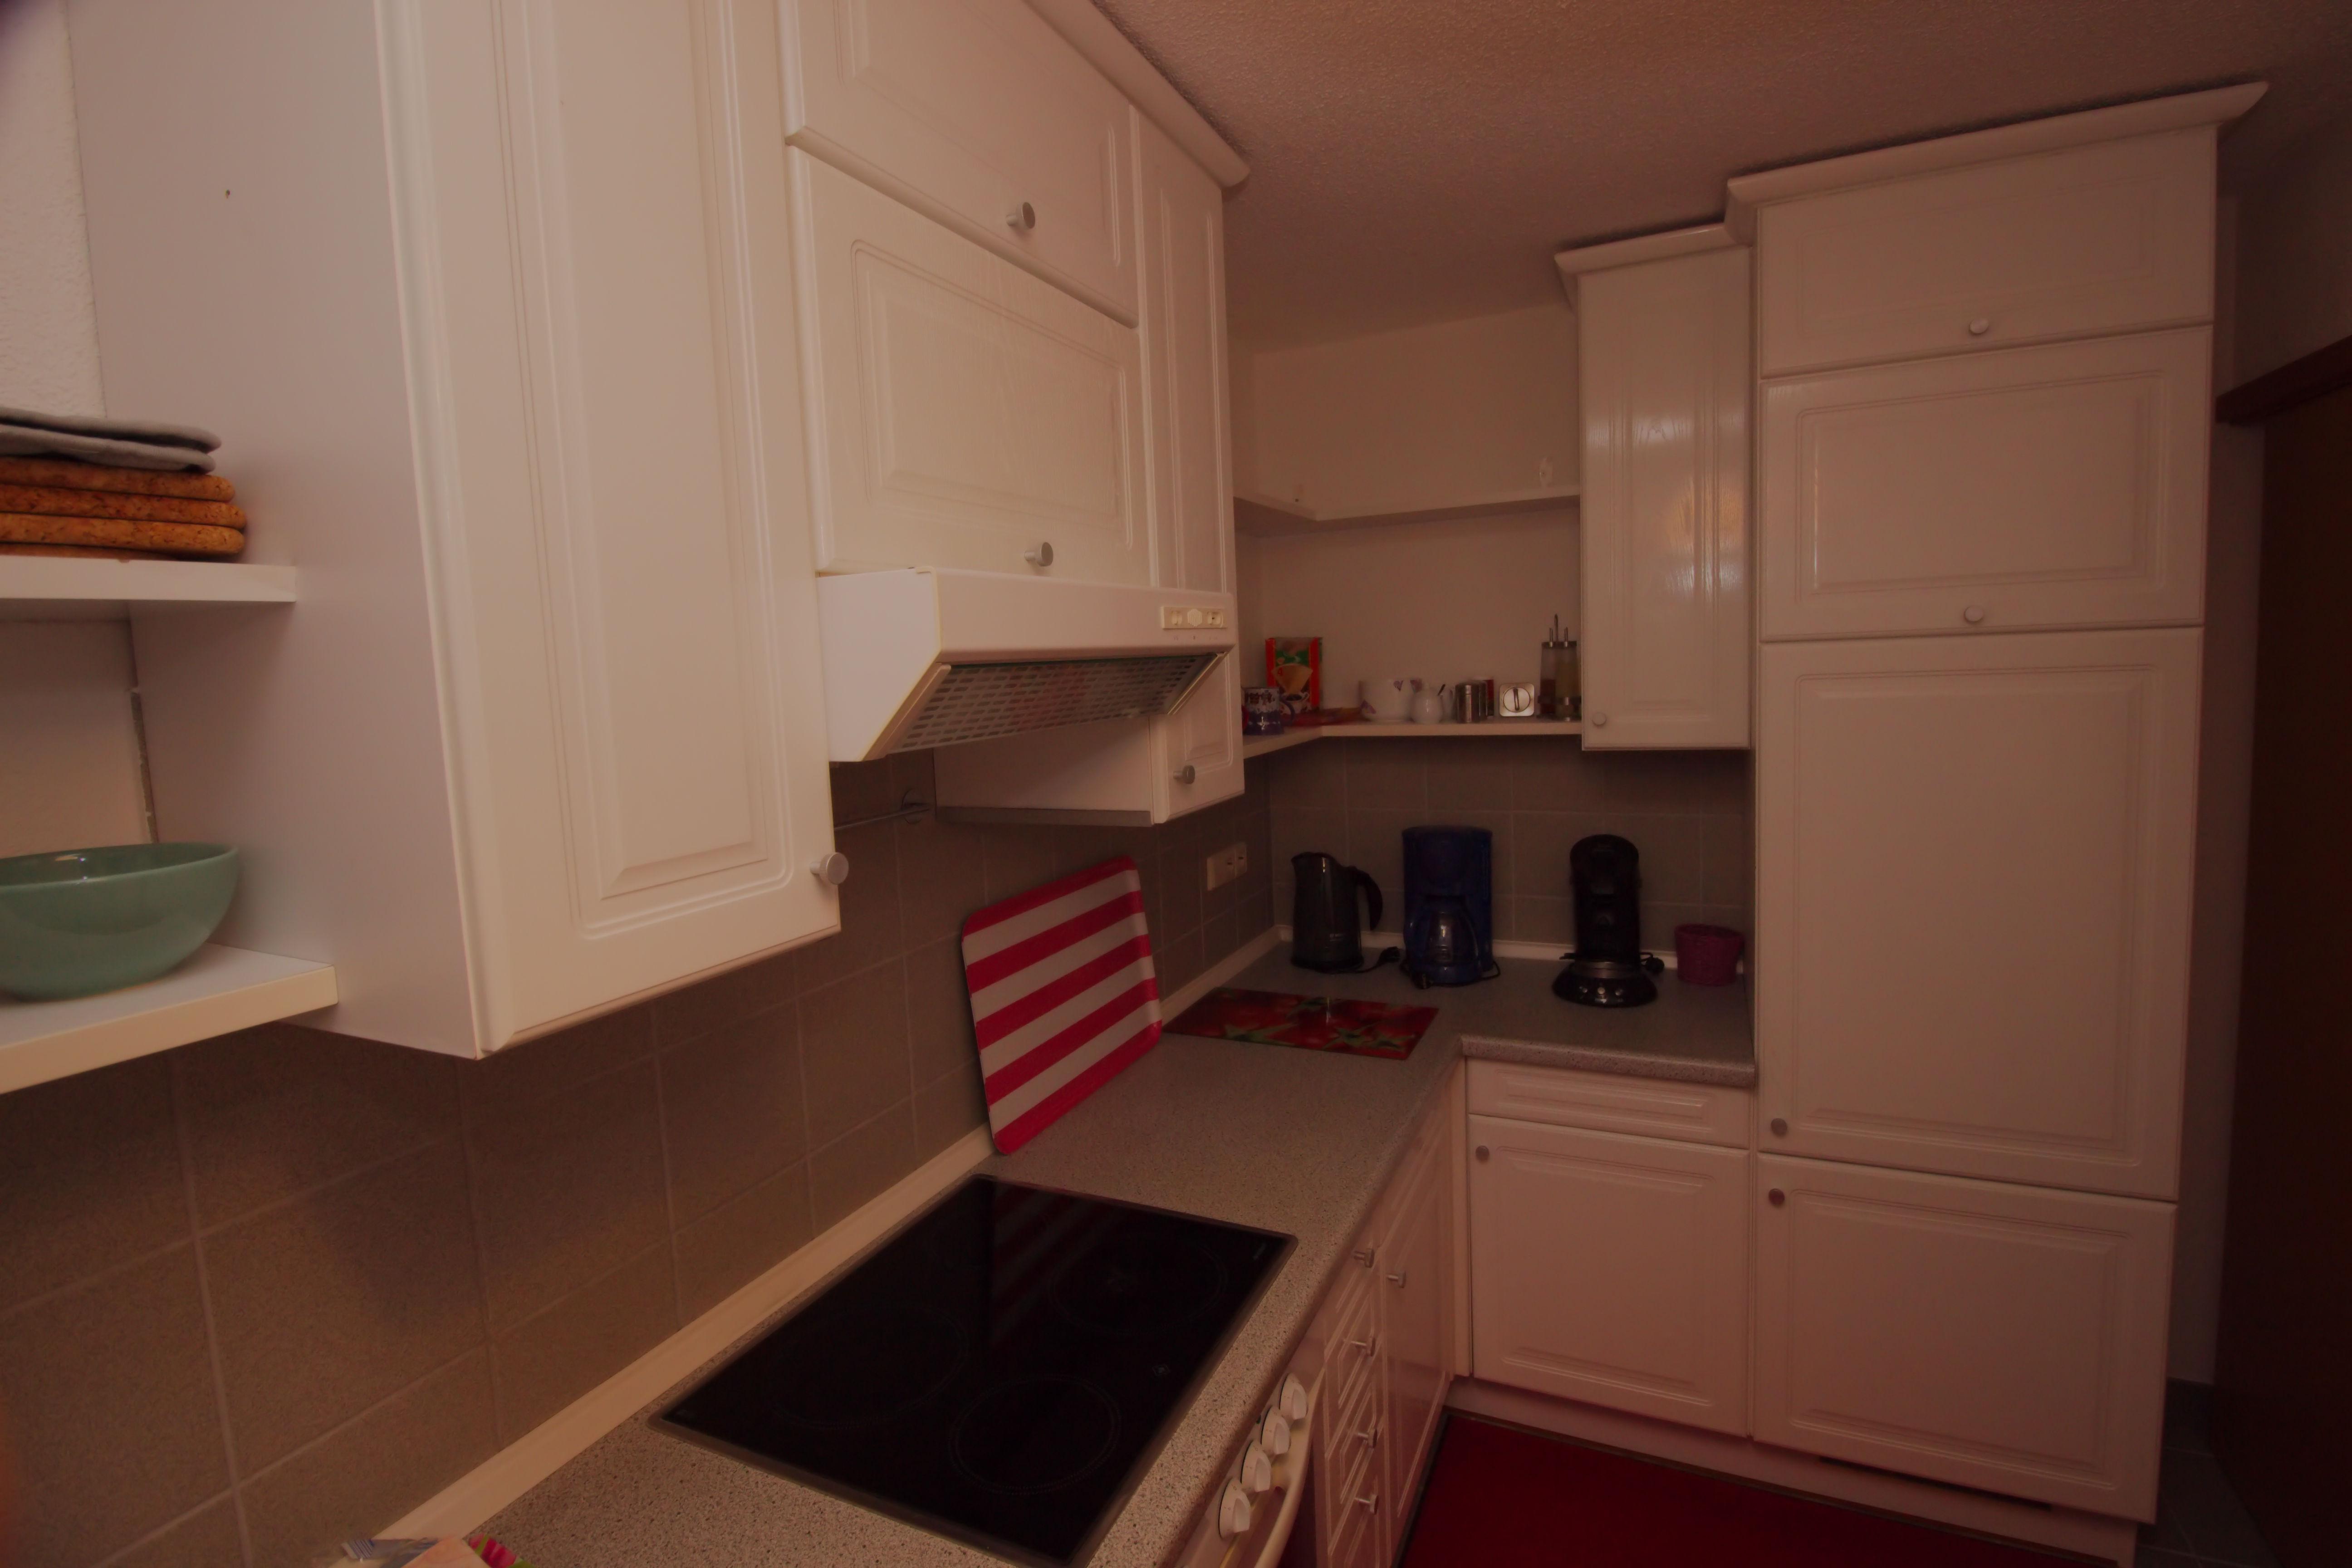 Küche, Essbereich und Flur - Ferienwohnung Glönkler